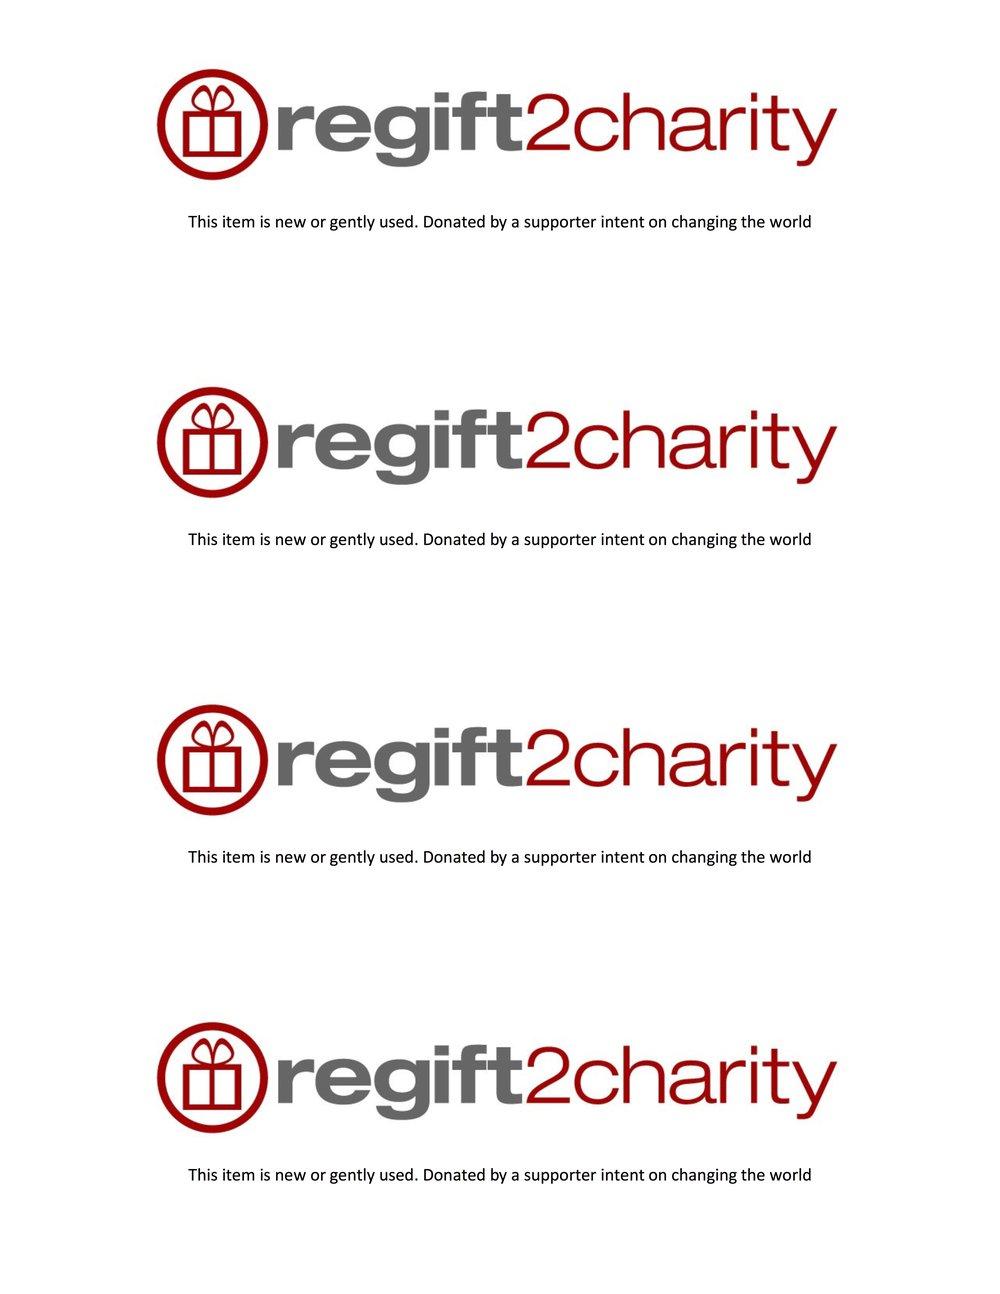 regift2charity+hang+tags.jpg